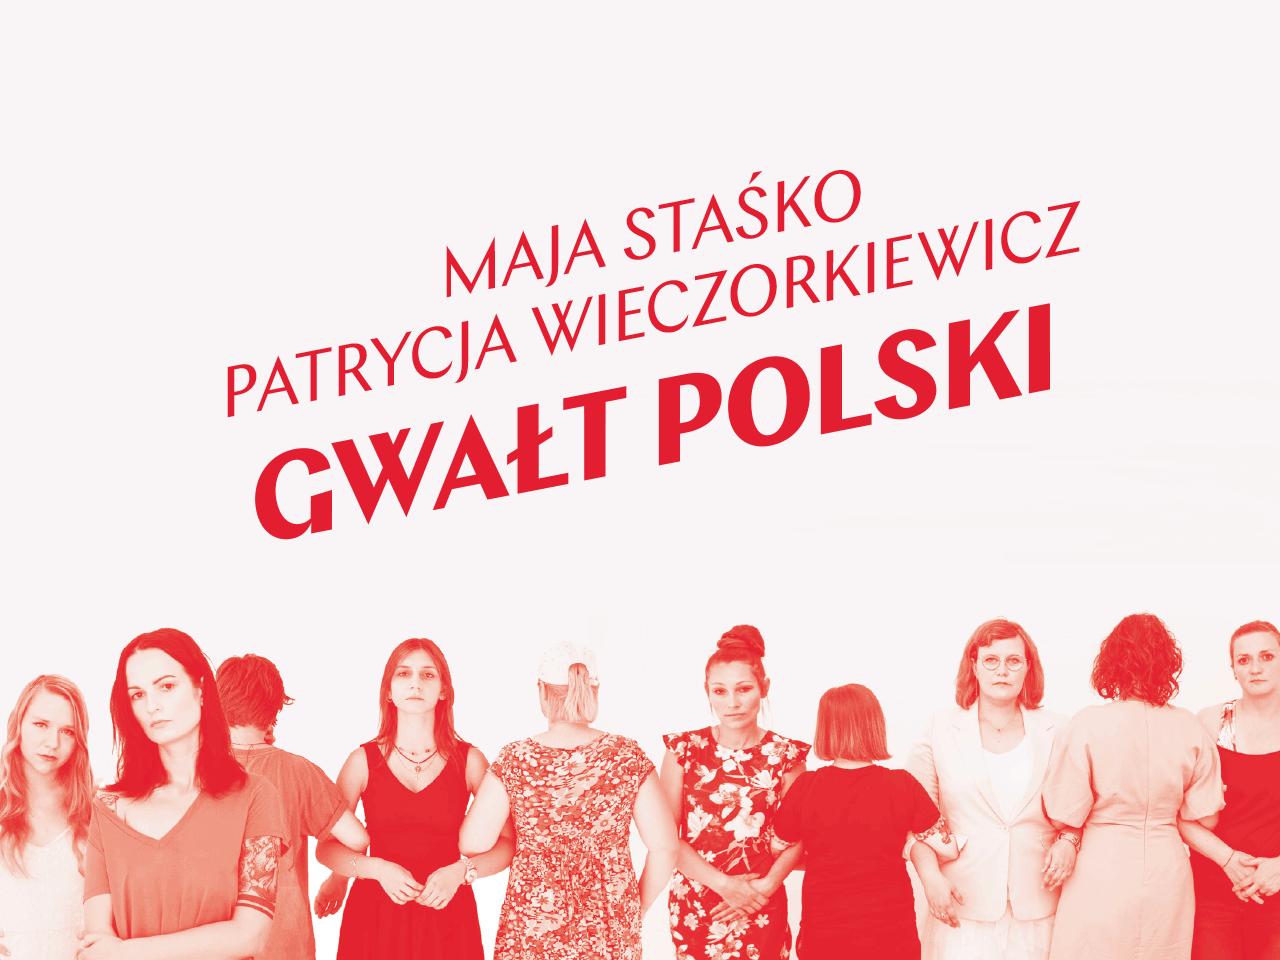 Gwałt polski